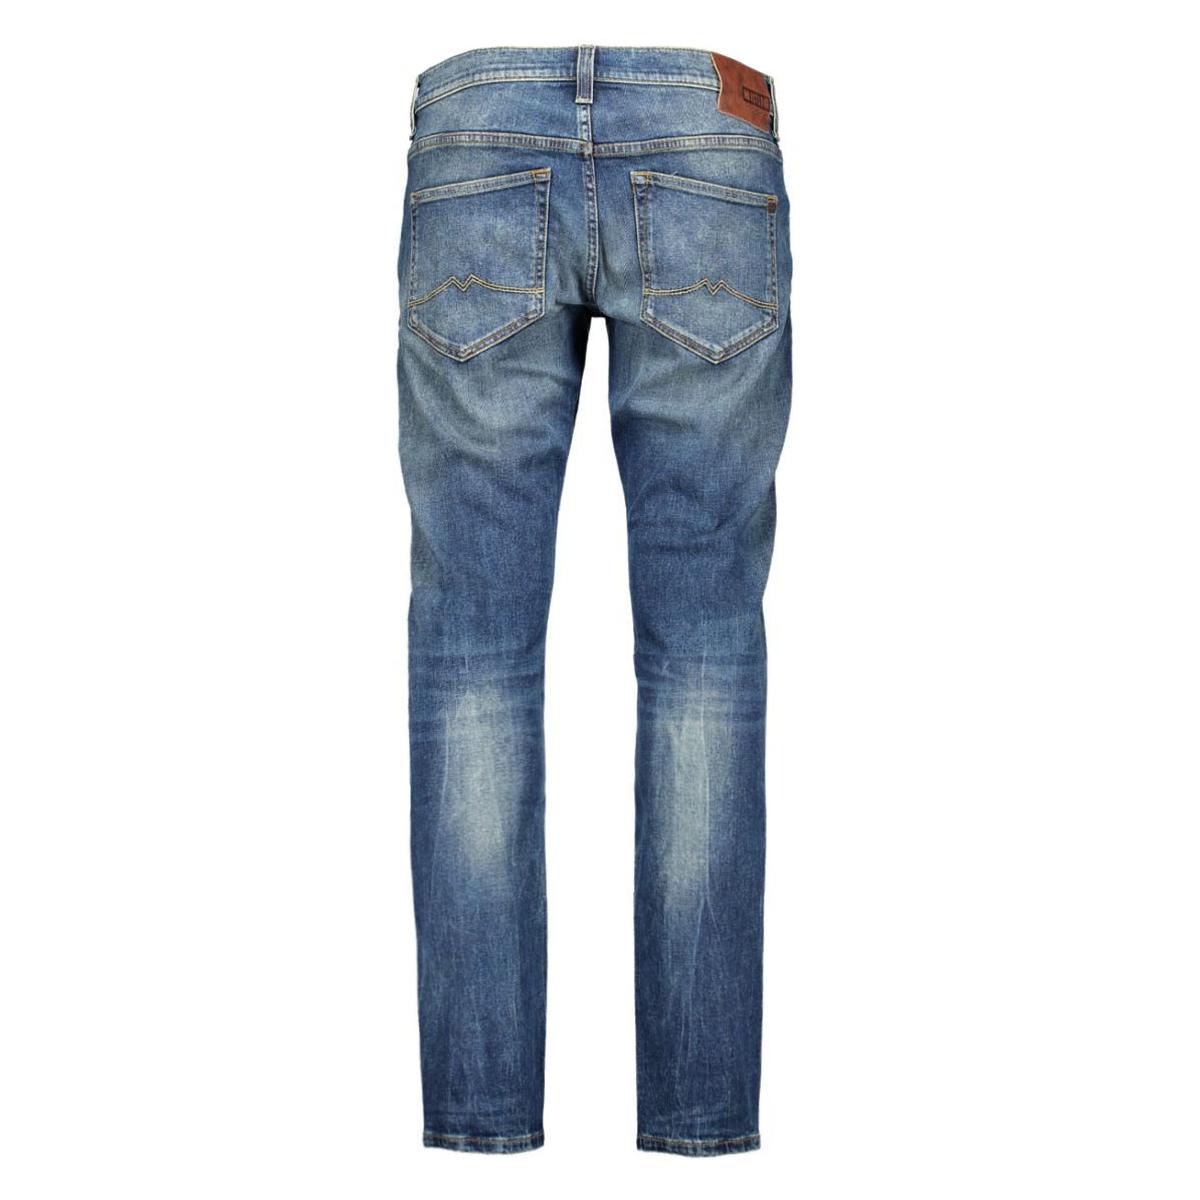 3116 5338 oregon tapered mustang jeans. Black Bedroom Furniture Sets. Home Design Ideas